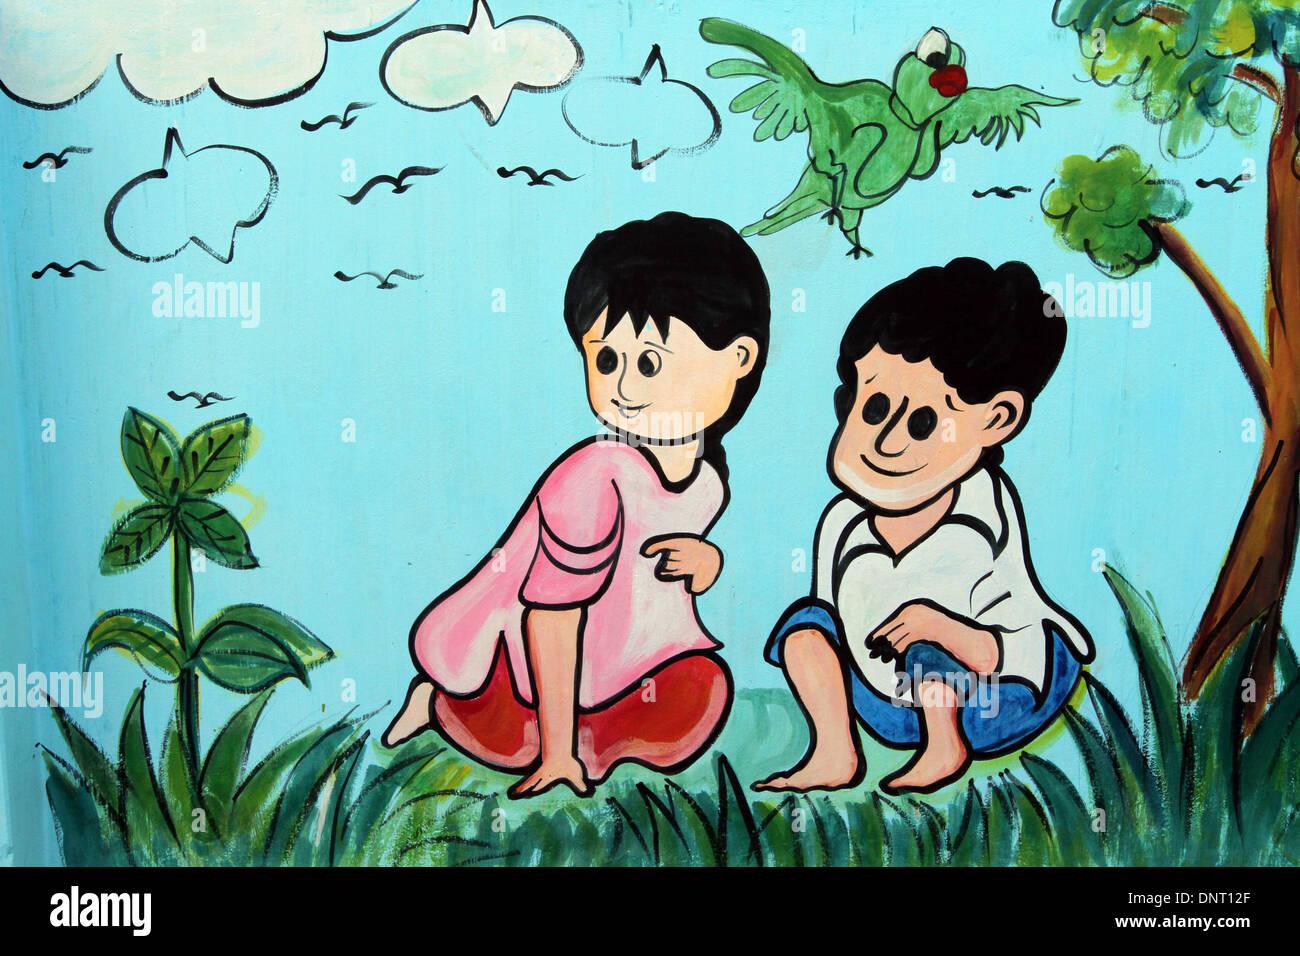 Meena Cartoon Stock Photos Meena Cartoon Stock Images Alamy